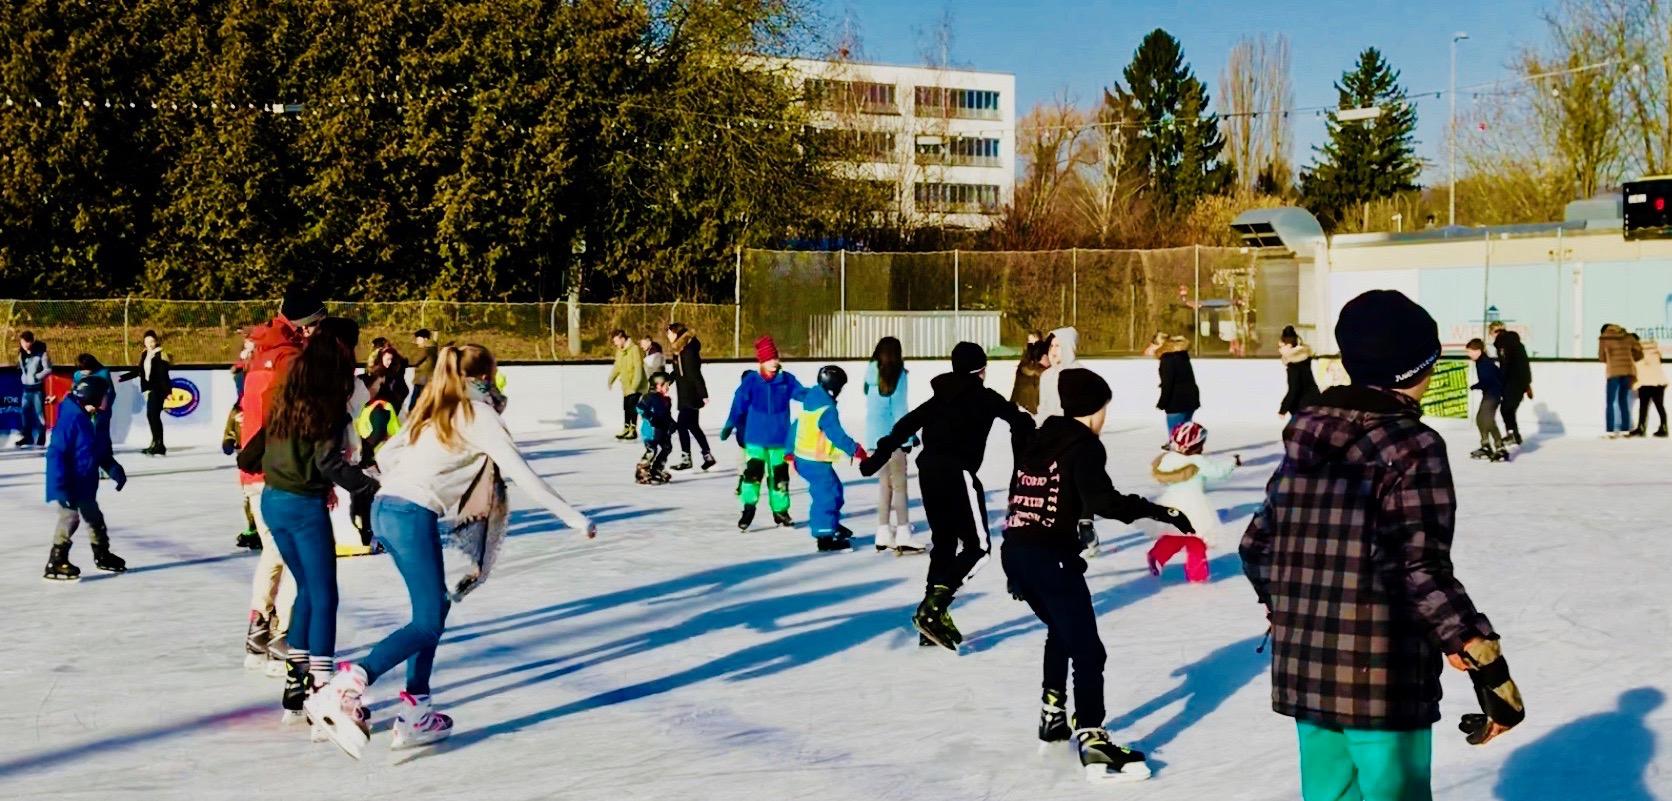 Laufzeiten und Eintrittspreise findet ihr in unserem Flyer, Eislaufszene Henkell-Kunsteisbahn